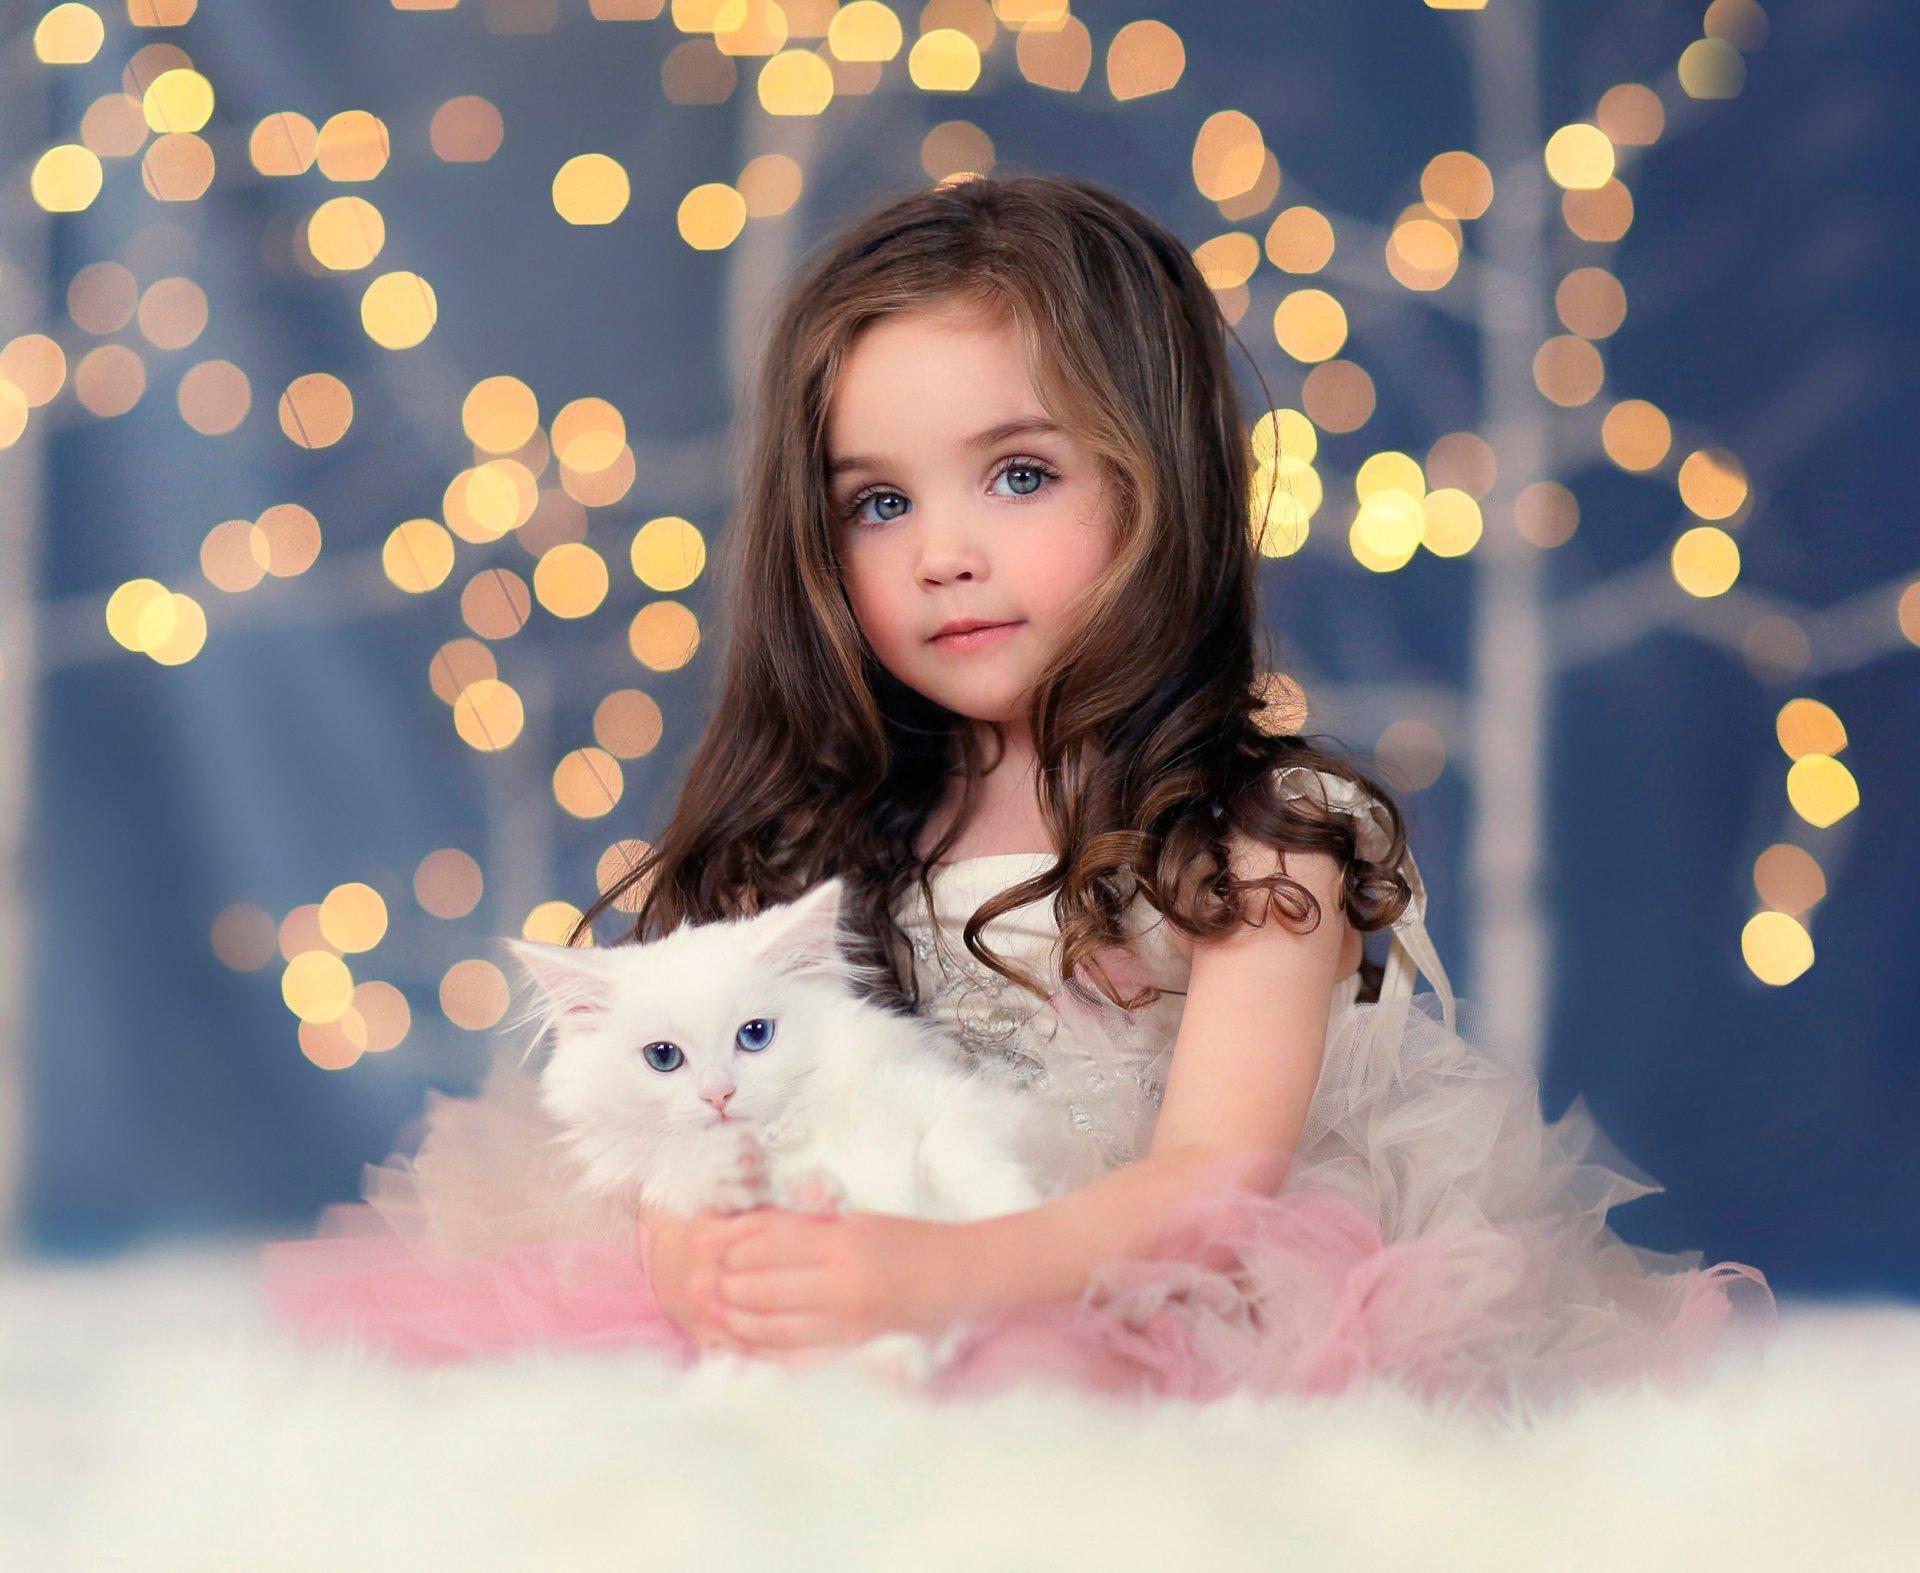 Детские фото красивые, юбилеем лет дочке